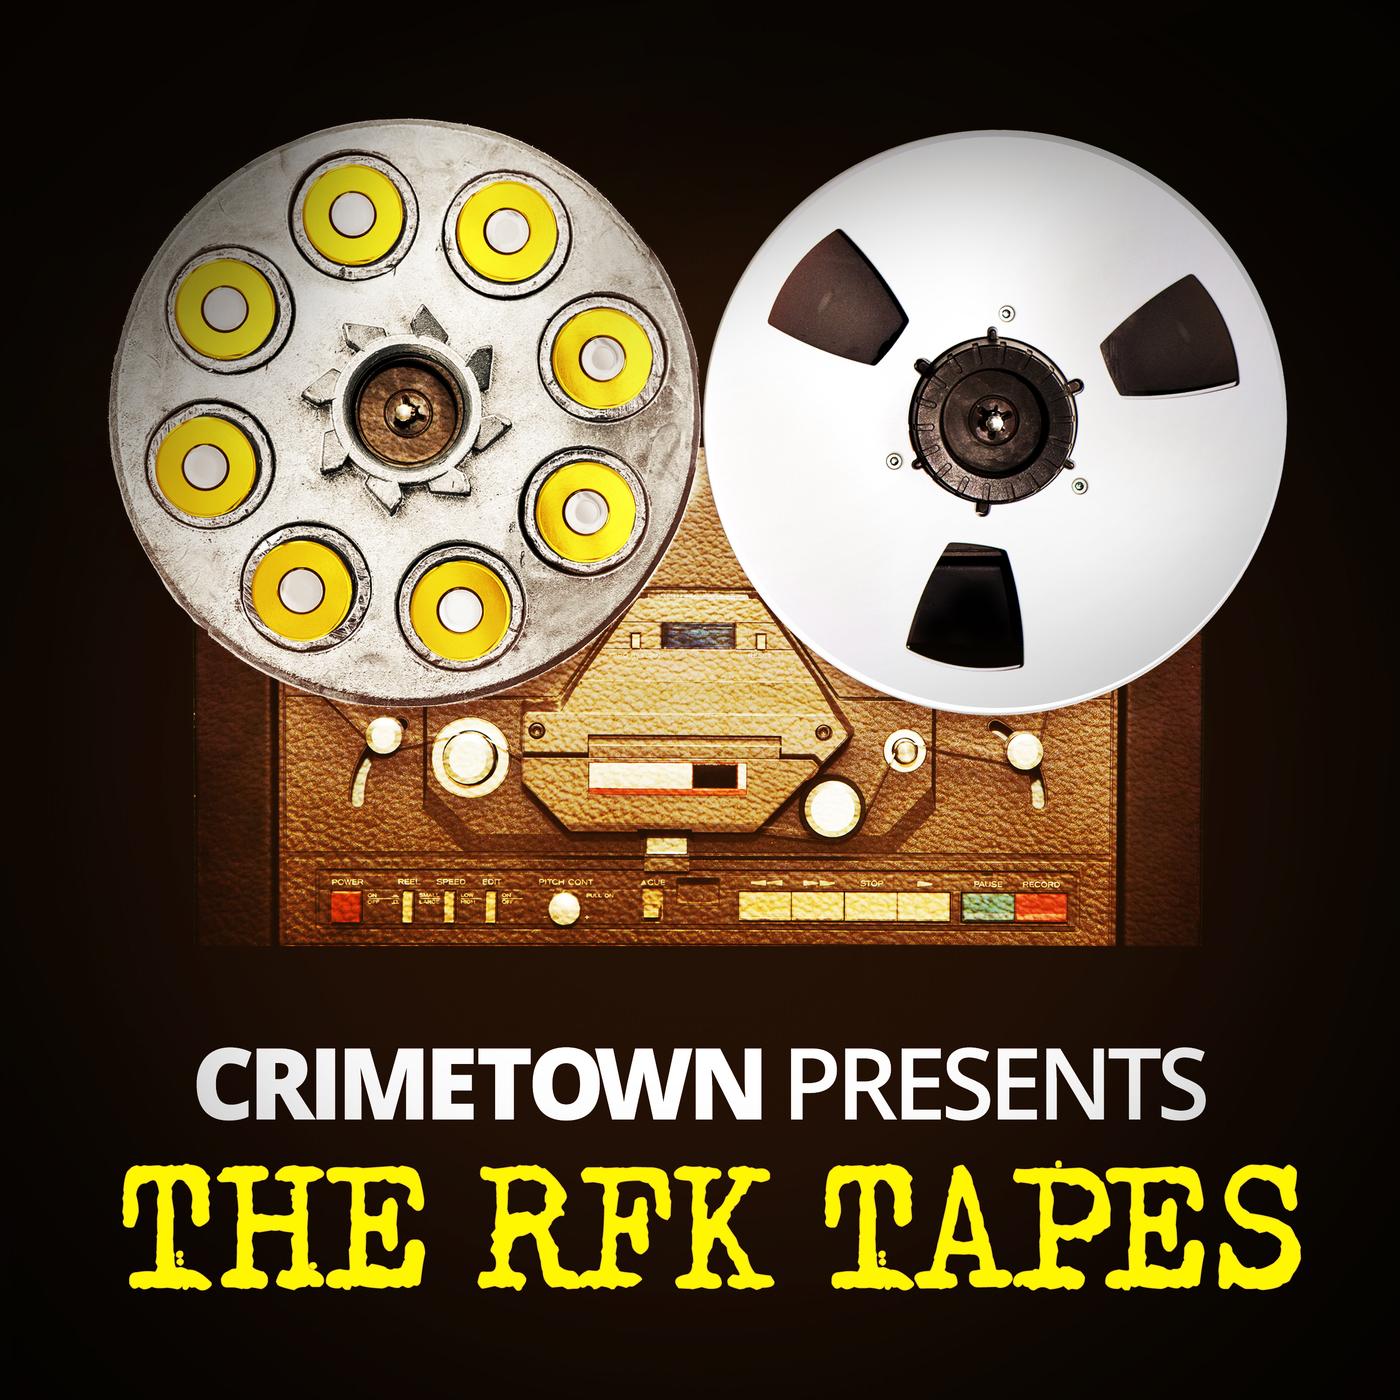 RFK Tapes